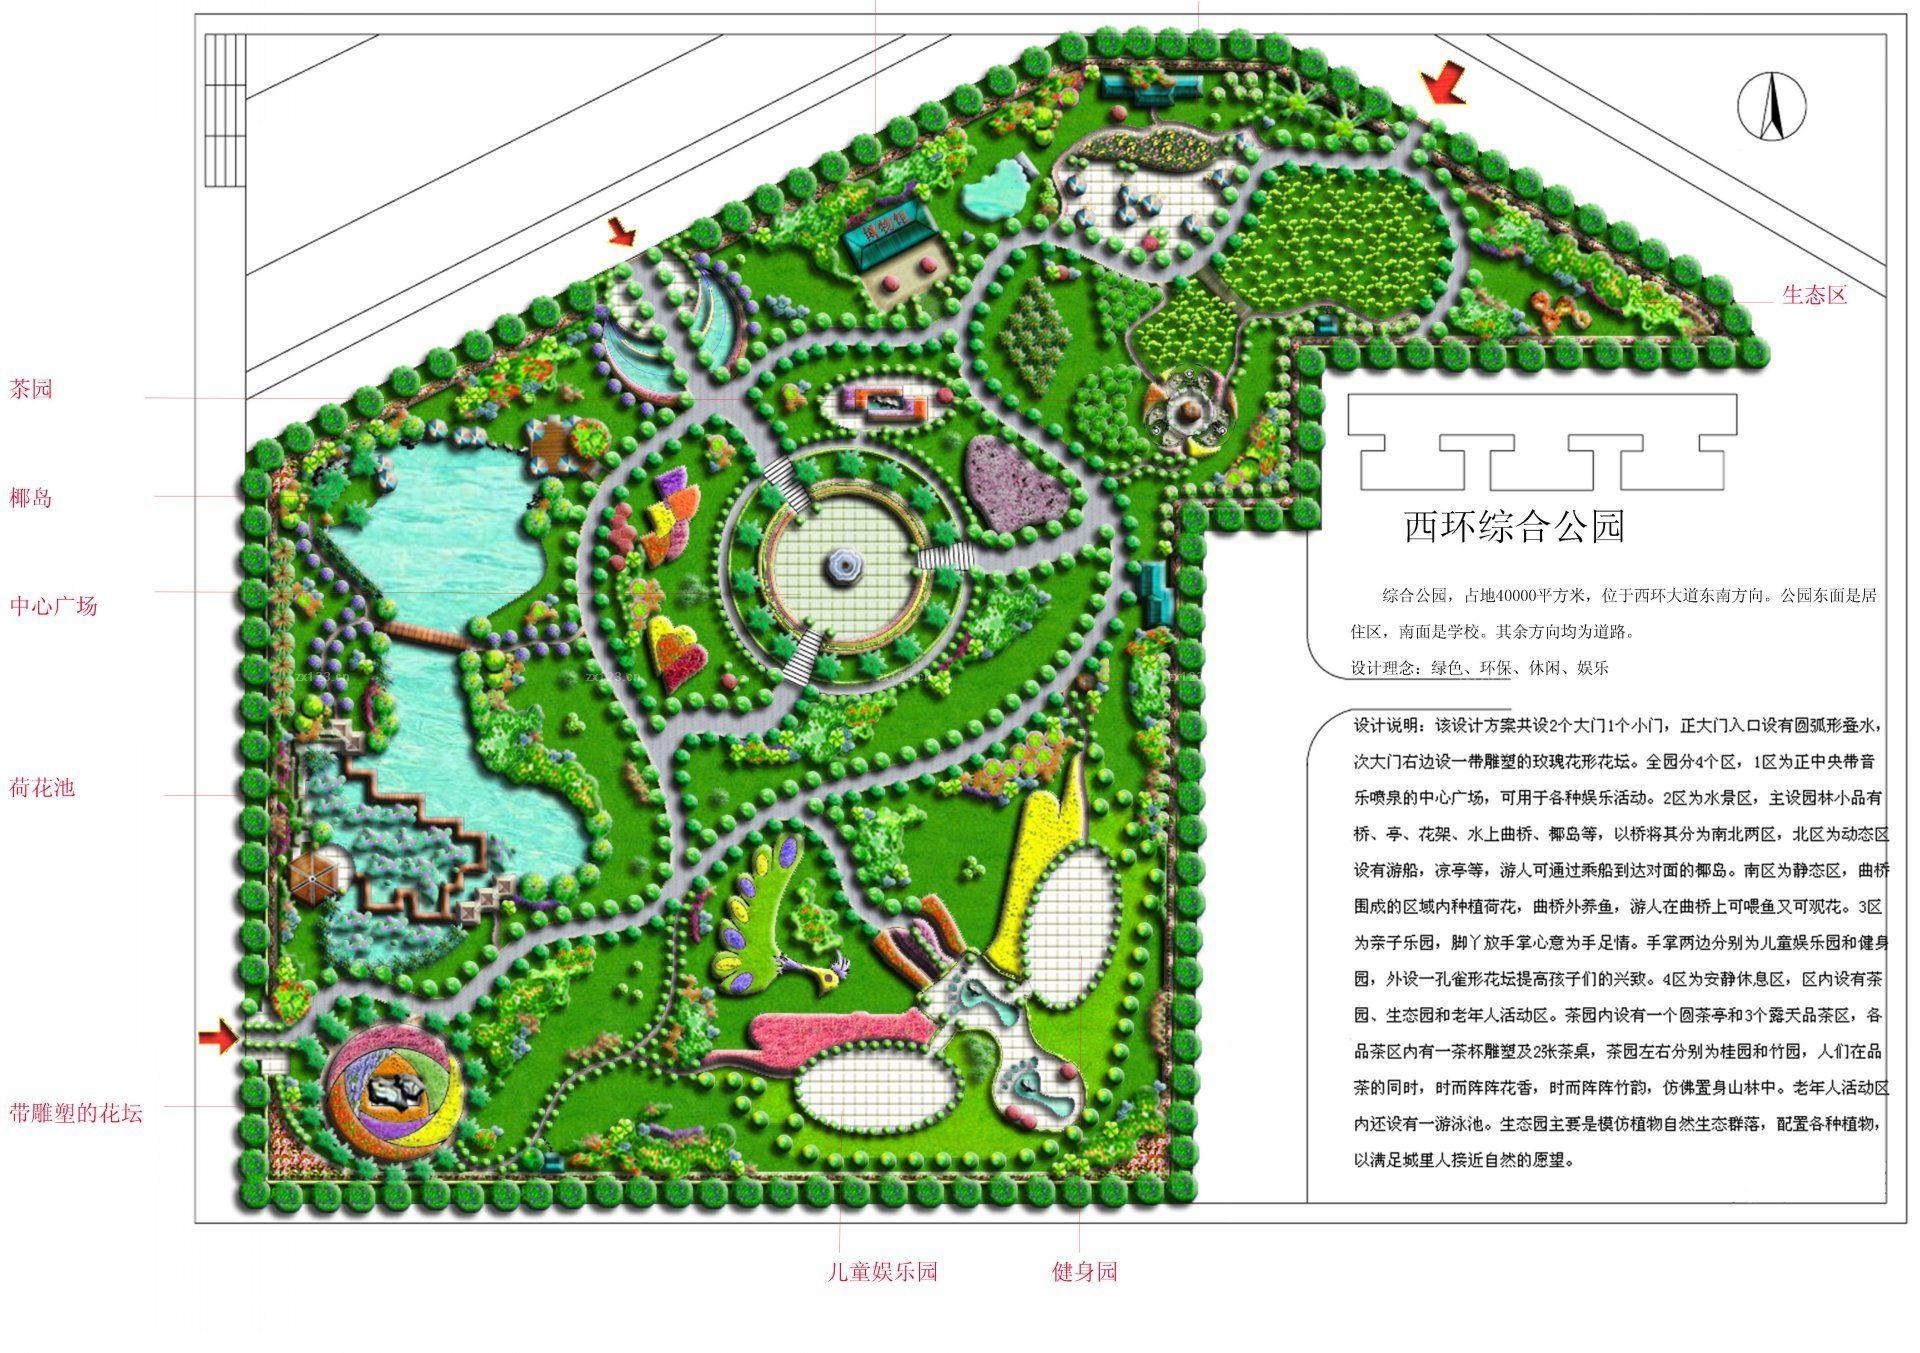 西环综合公园花坛平面图